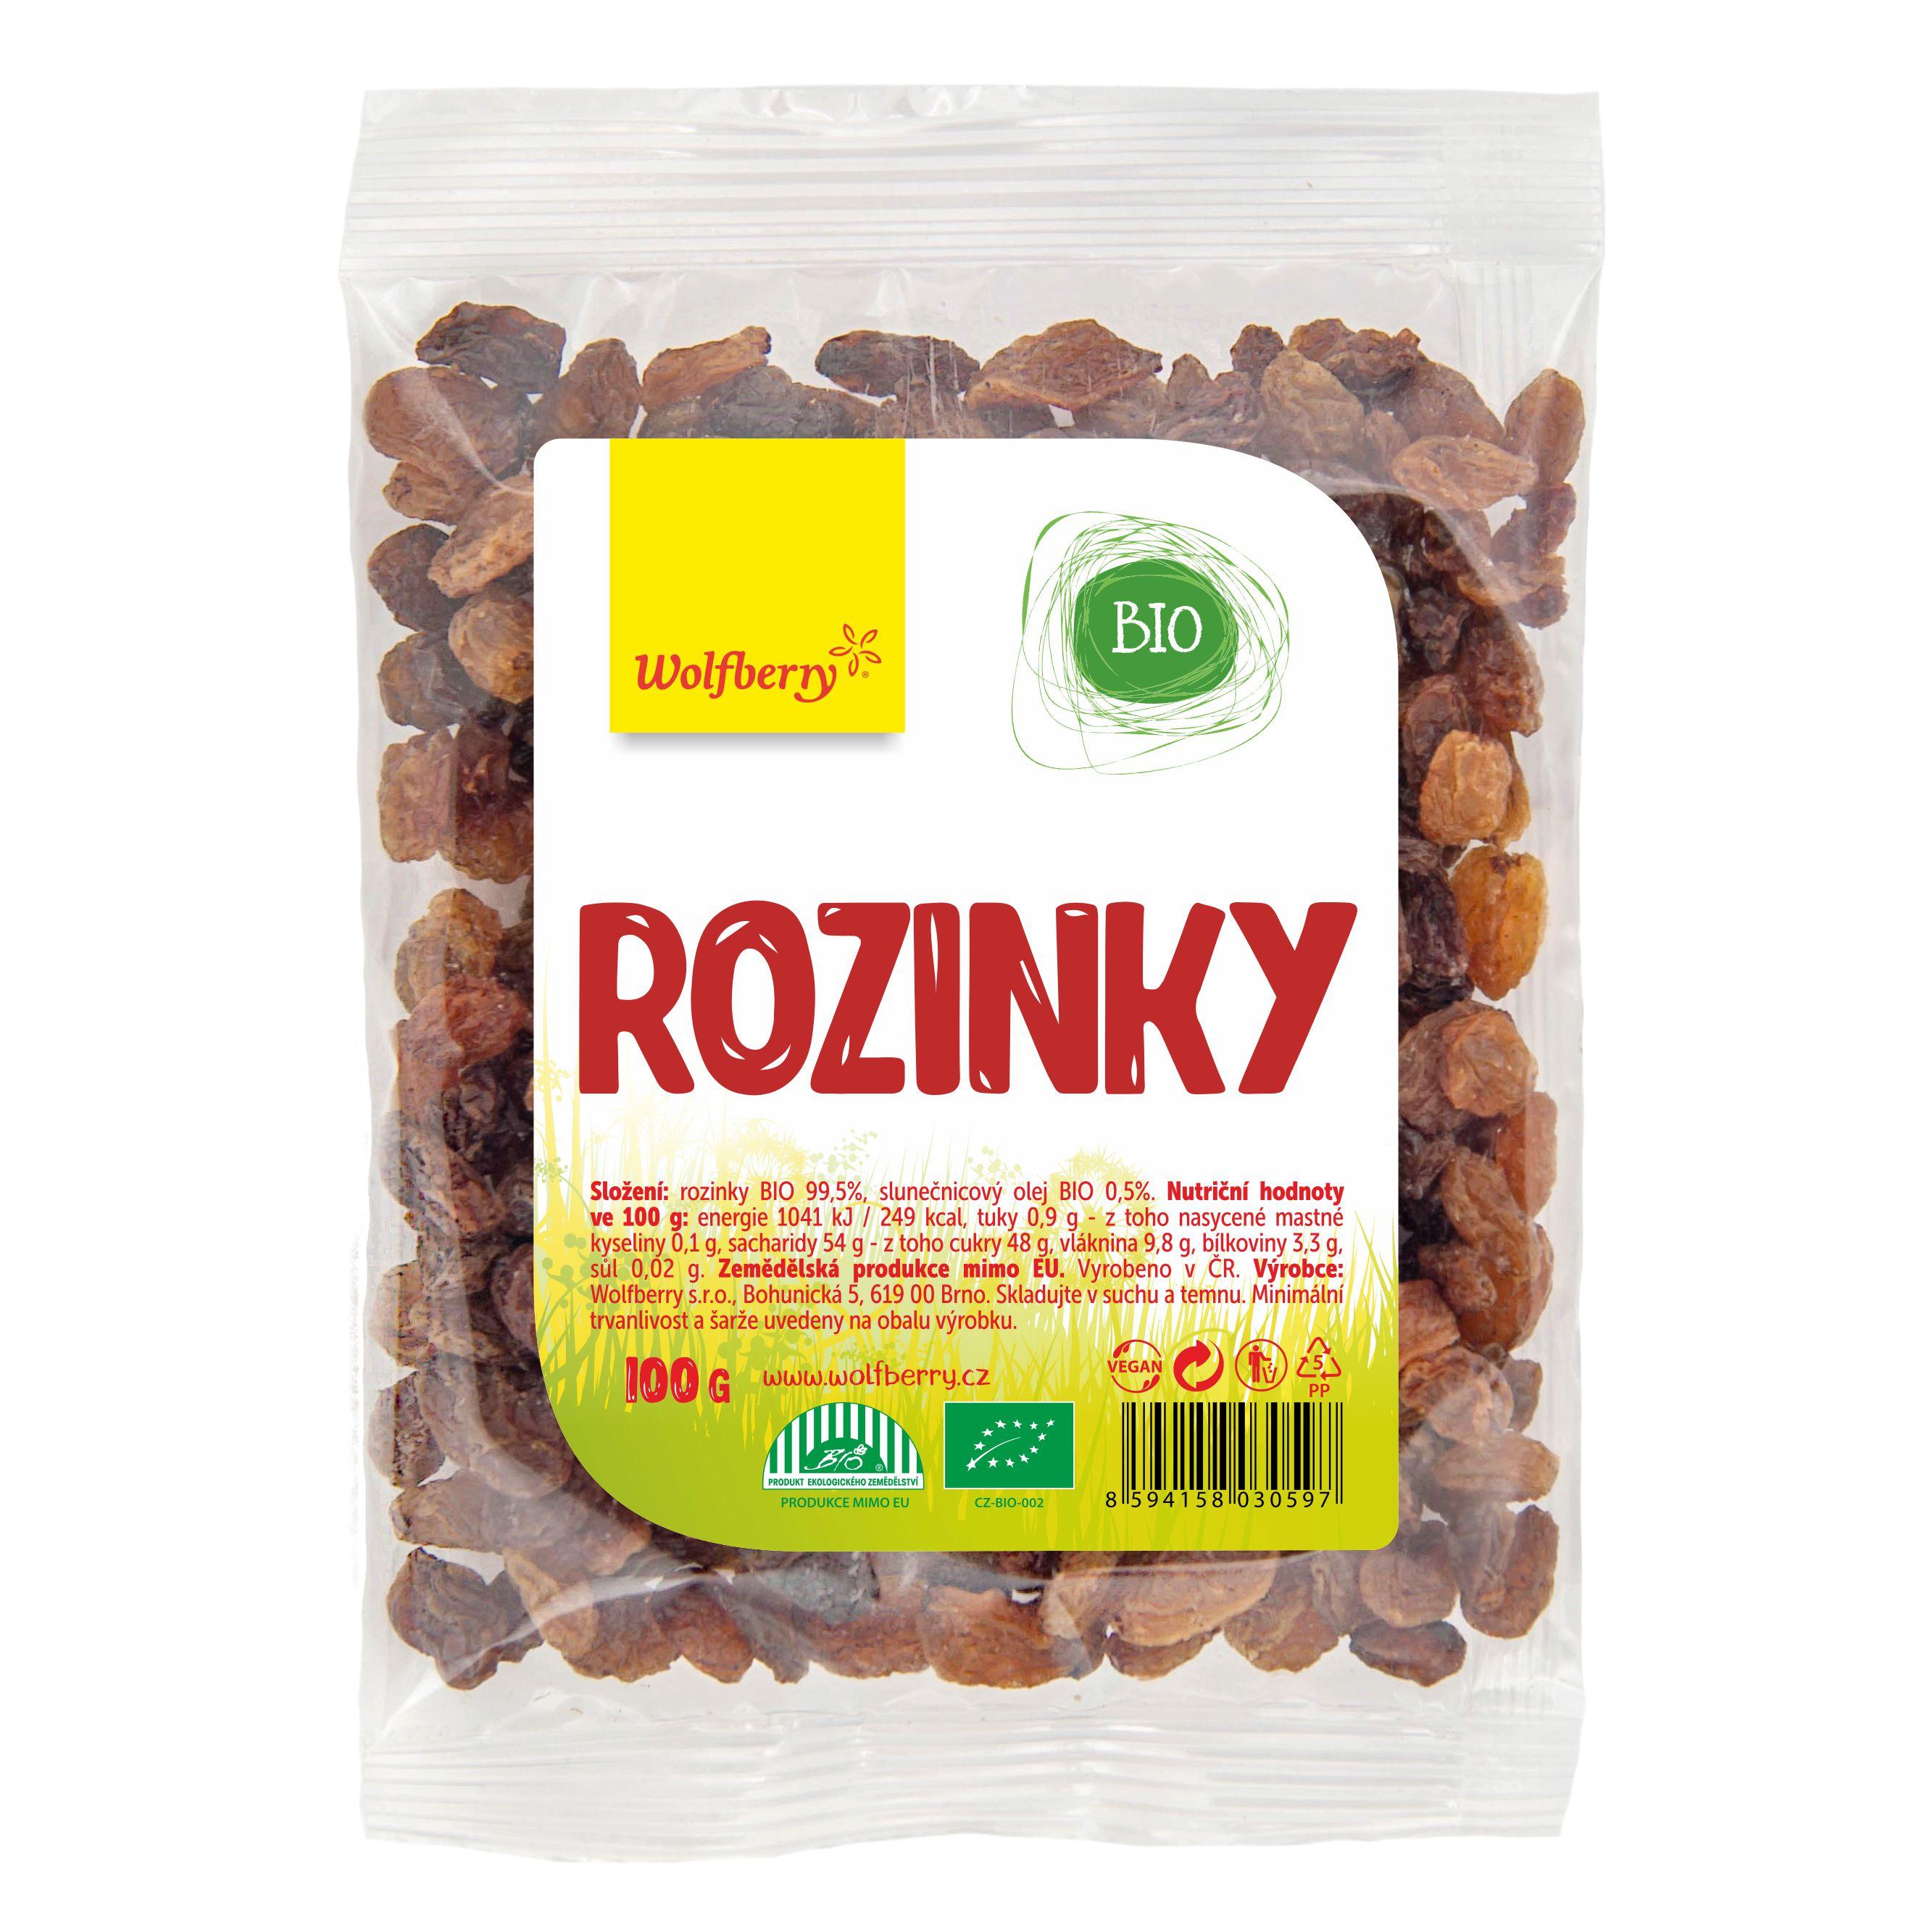 Wolfberry WF Rozinky BIO 100 g Wolfberry * 100 g